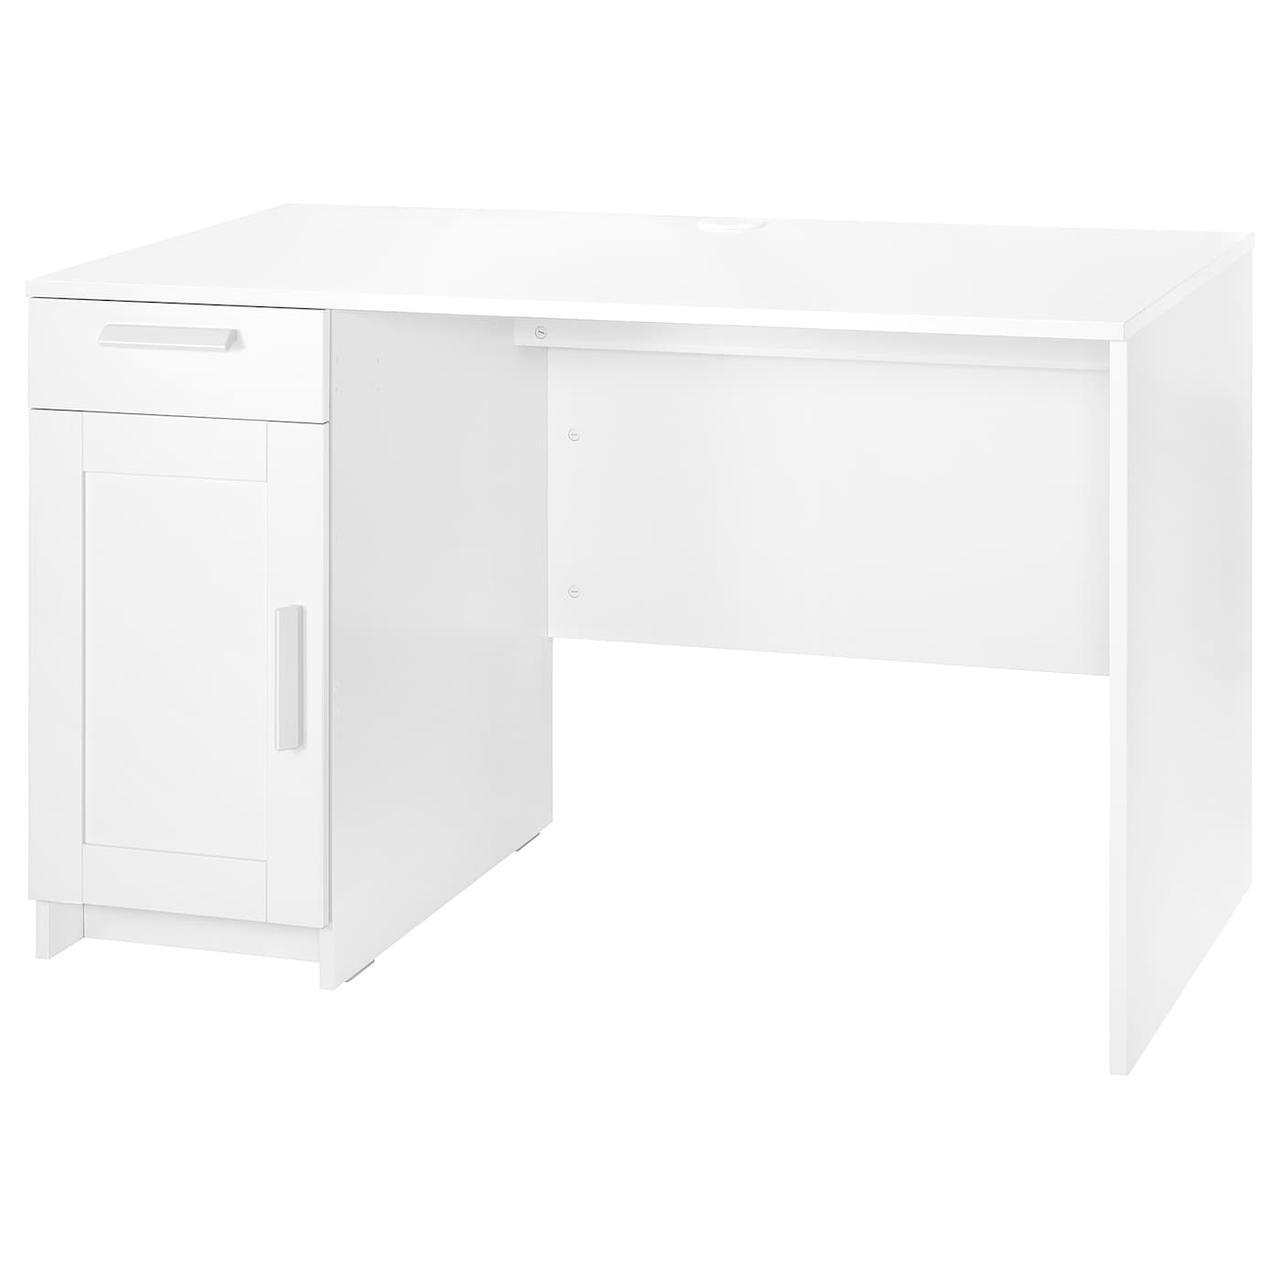 IKEA BRIMNES Письменный стол 120x65 см